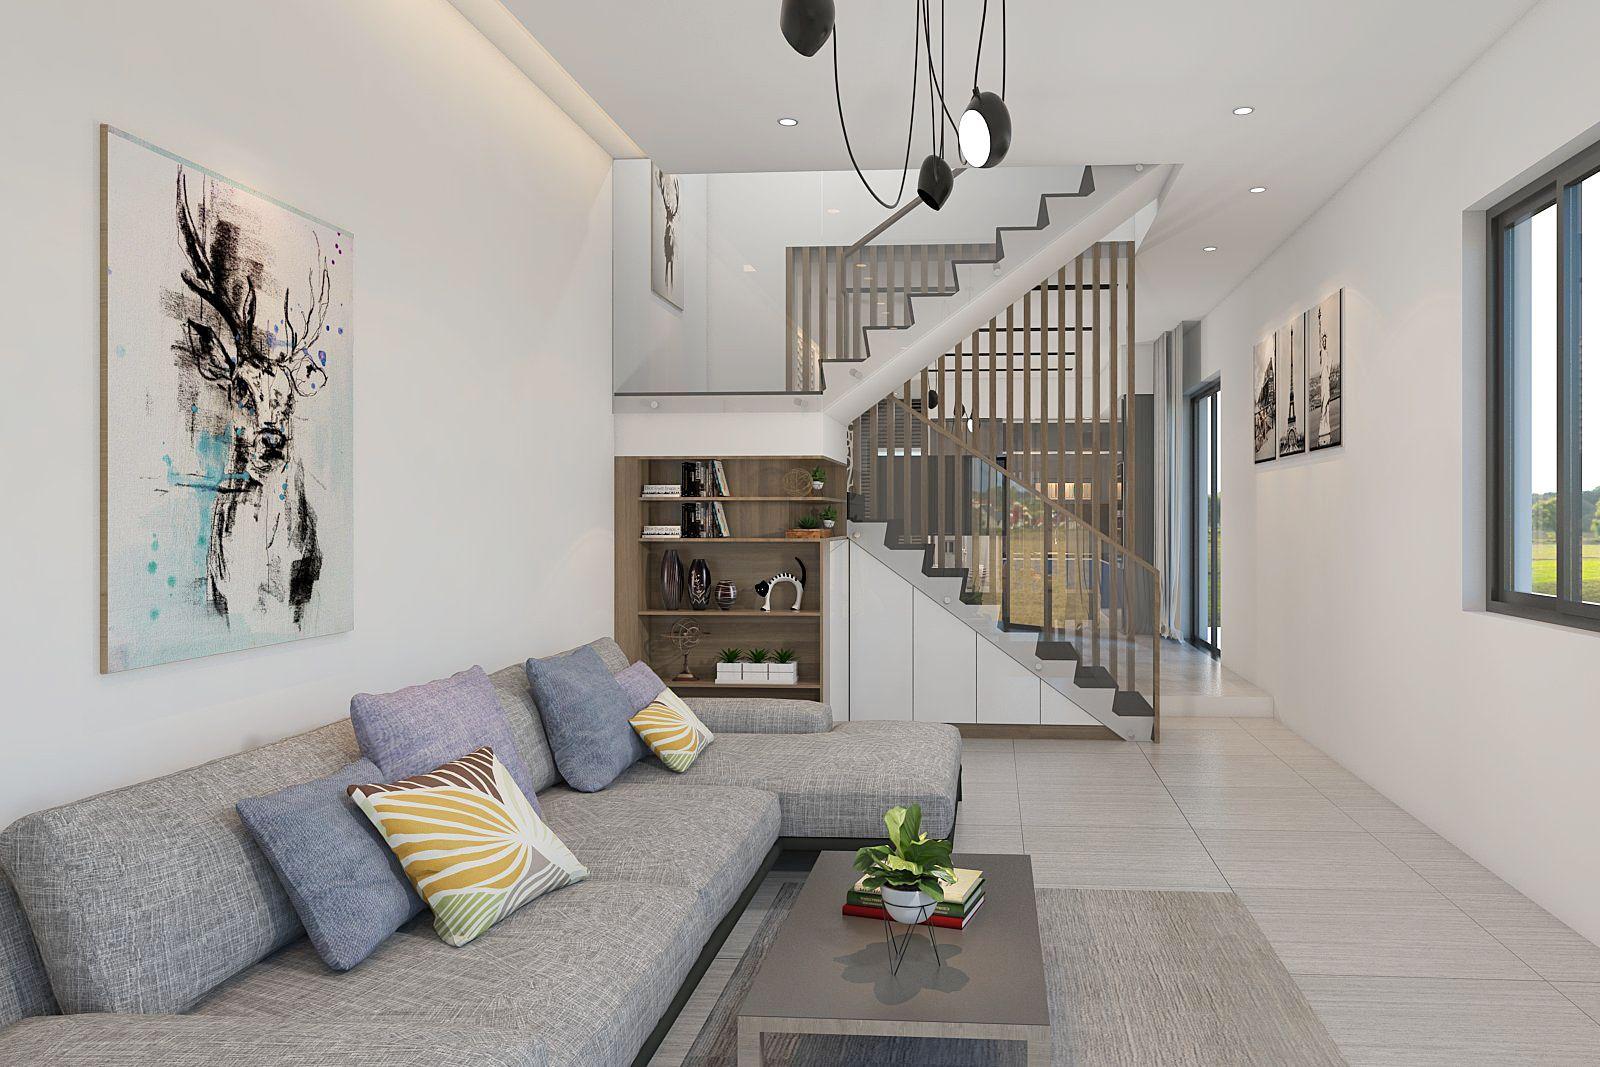 mẫu thiết kế nội thất phòng khách nhà ống tại quảng ngãi